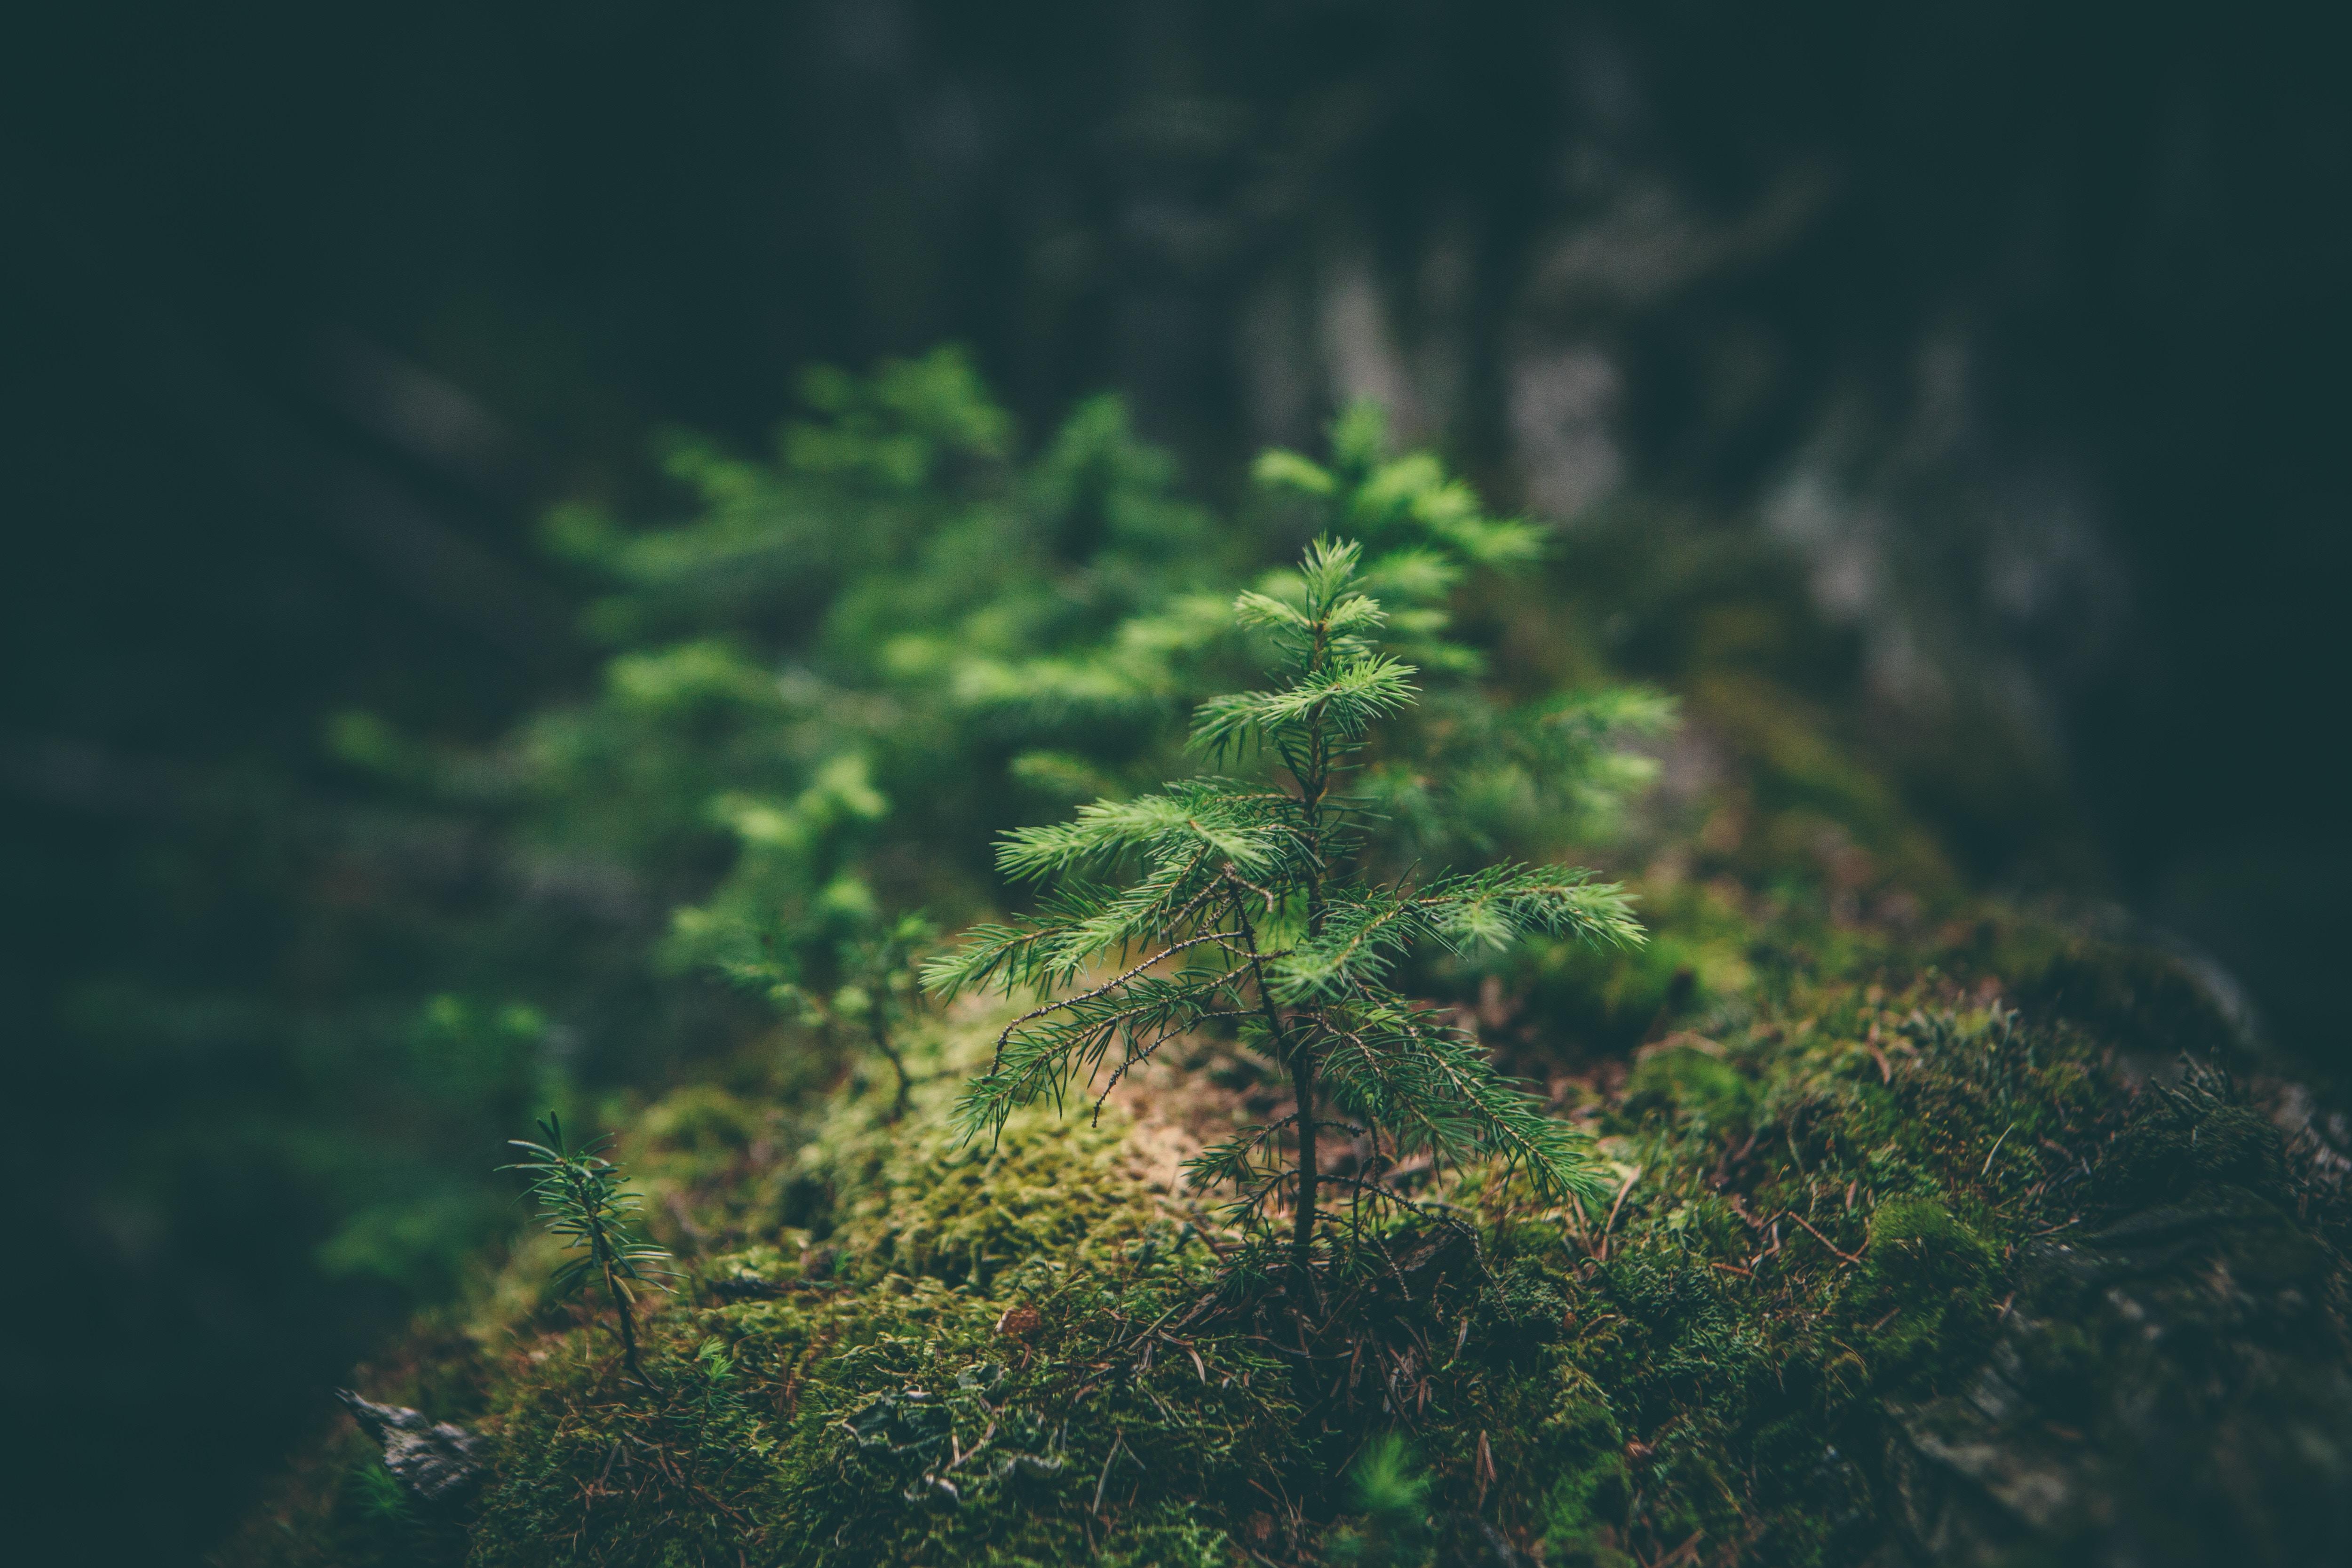 60828 Hintergrundbild herunterladen Natur, Grass, Nadeln, Makro, Sämling - Bildschirmschoner und Bilder kostenlos